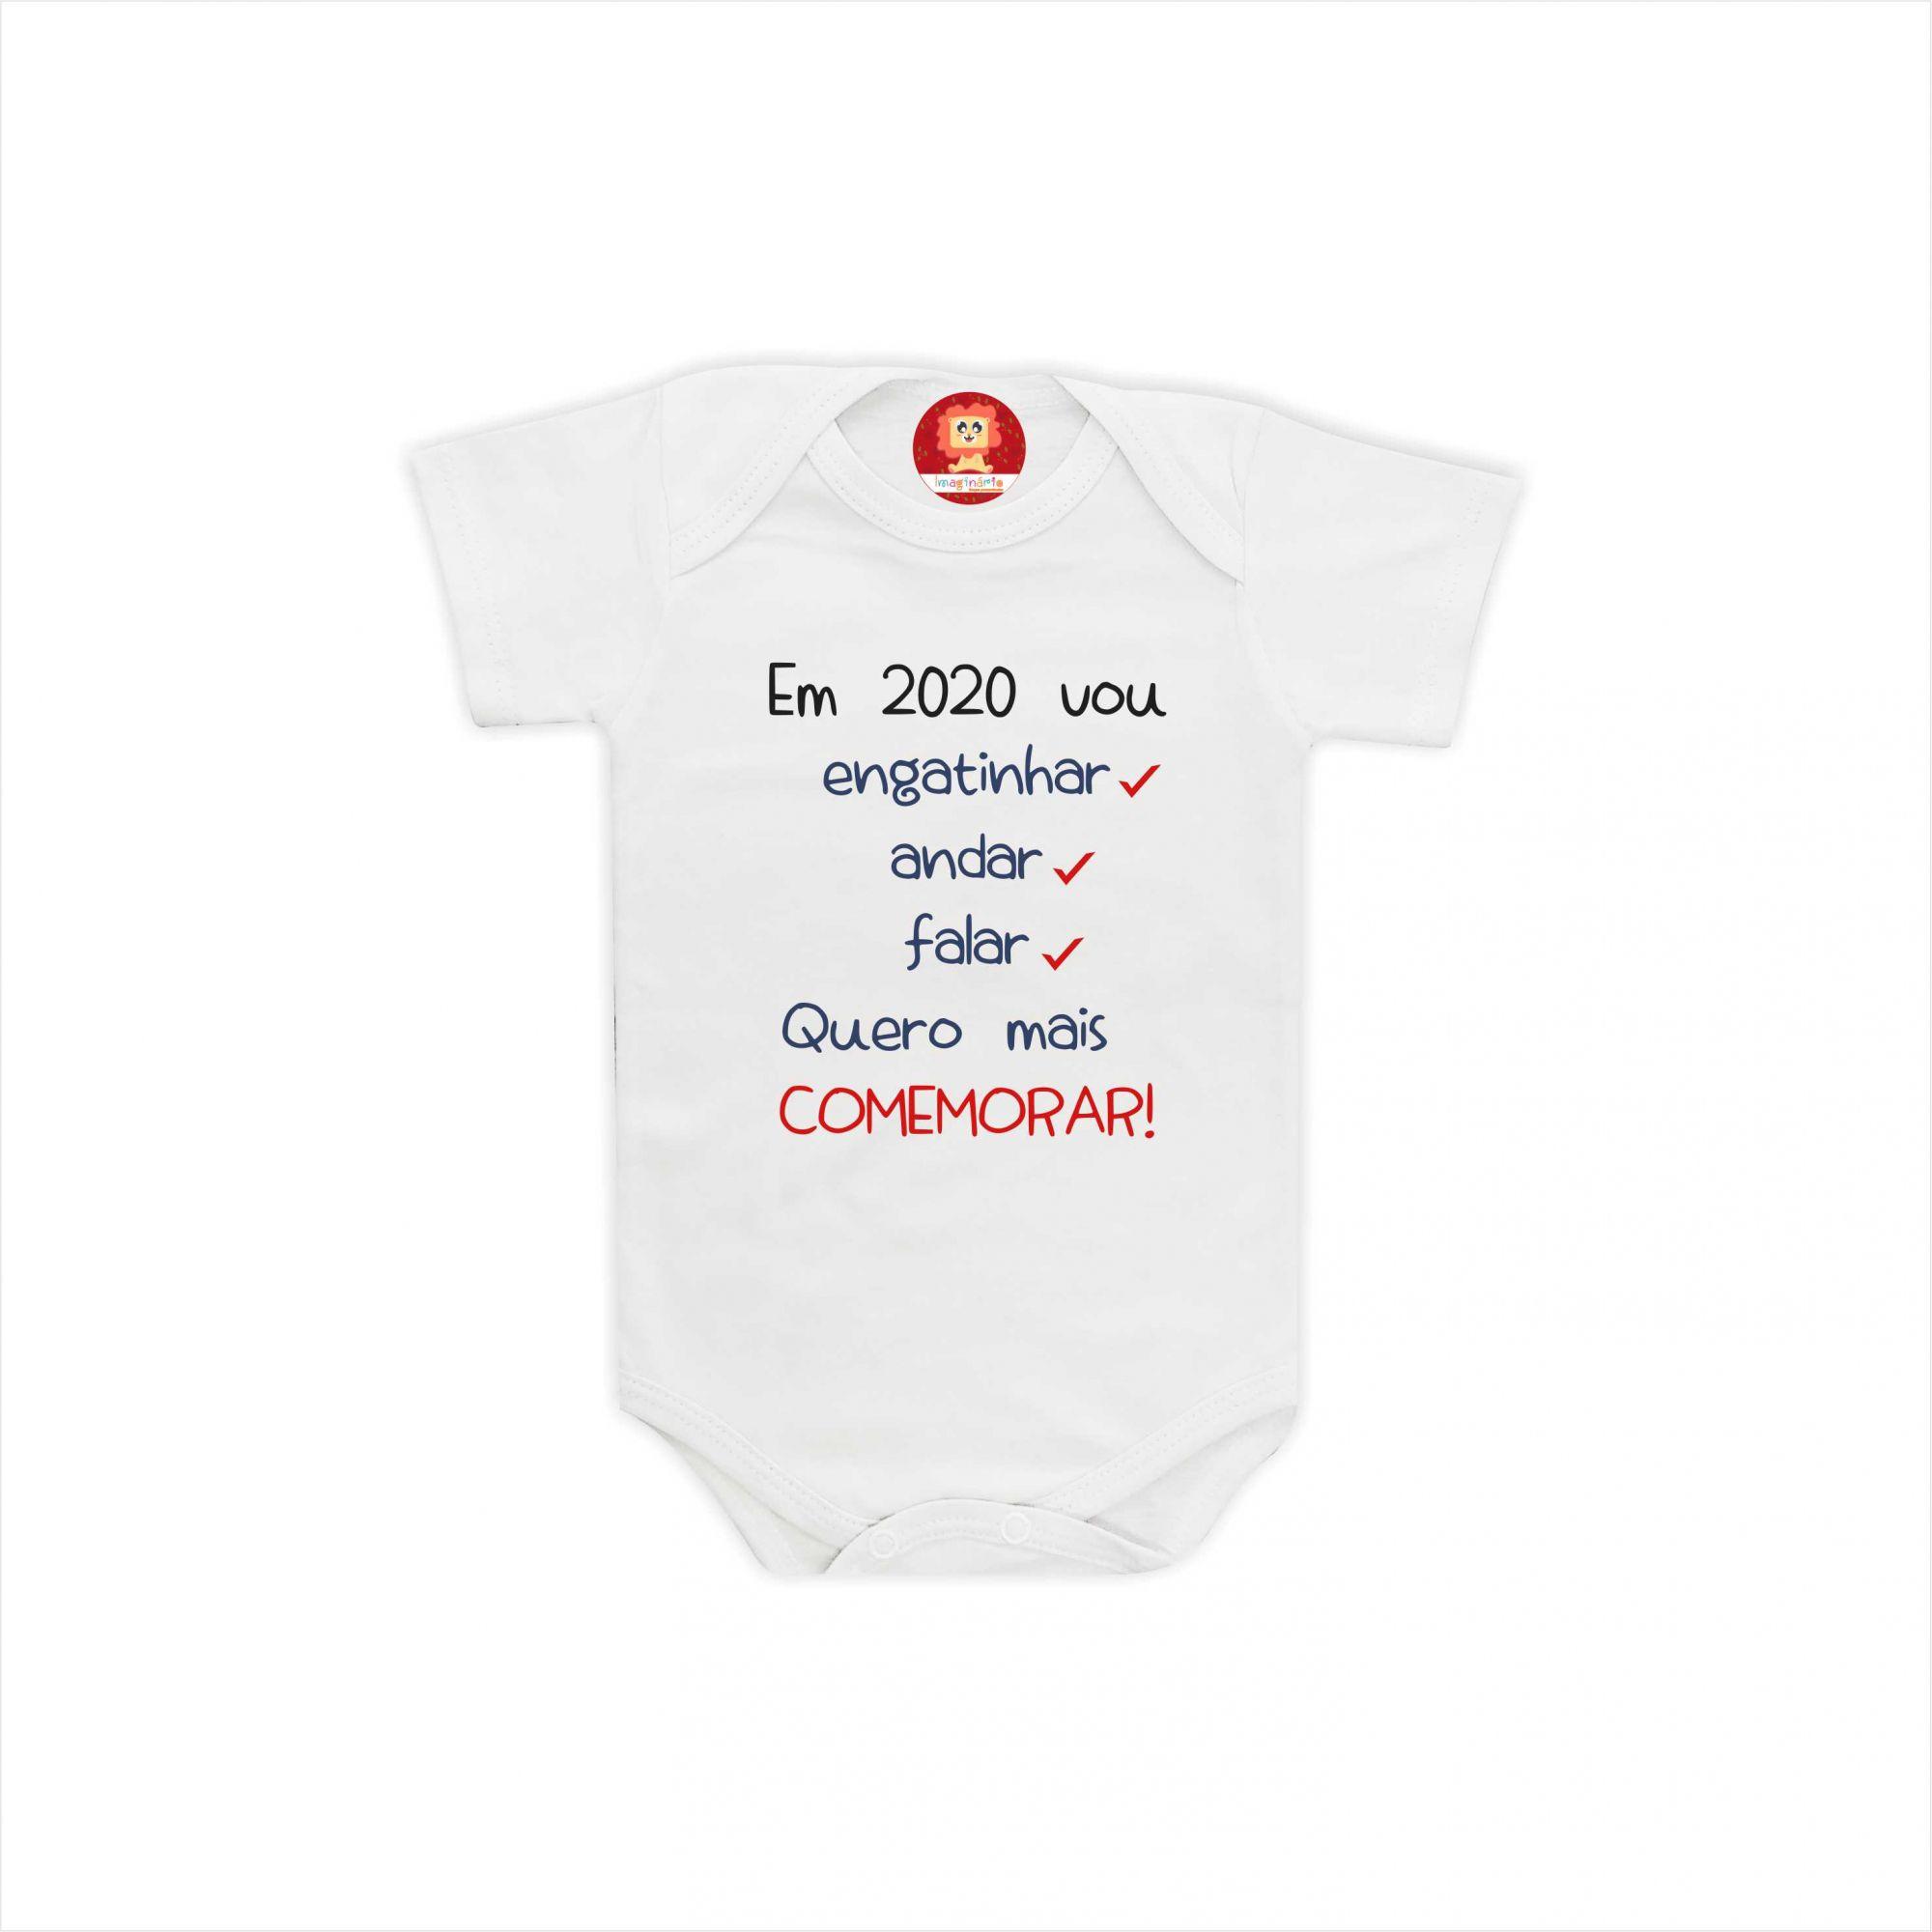 Body Ou Camiseta Em 2020 Eu vou